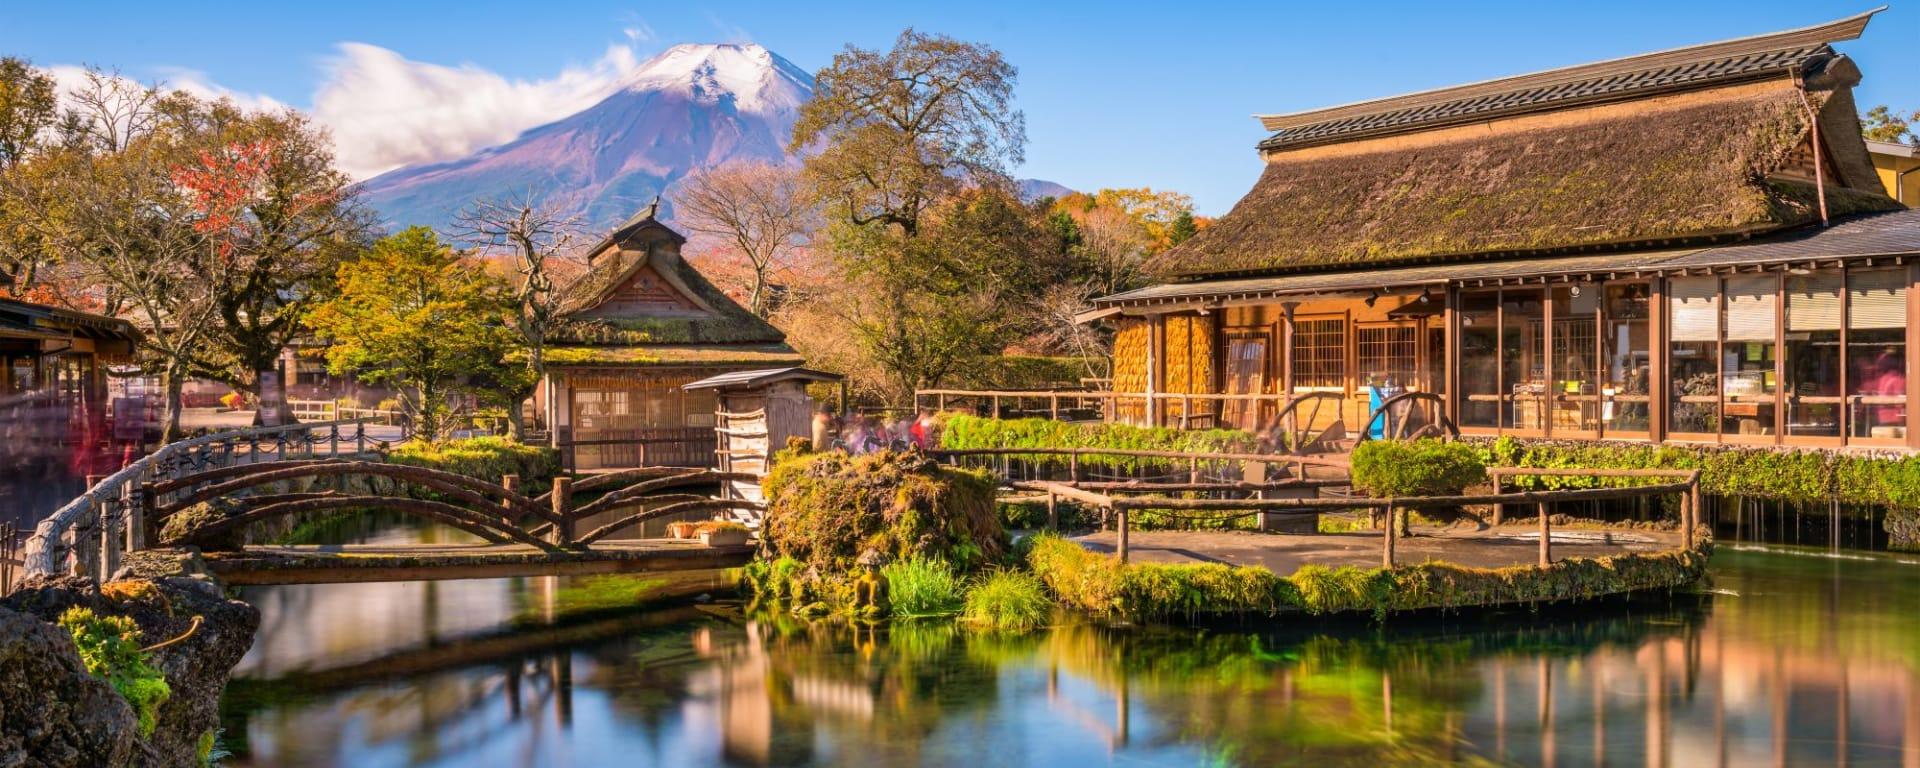 Tout savoir sur les voyages et les vacances en Japon: Oshino Hakkai with Mt. Fuji in the background.